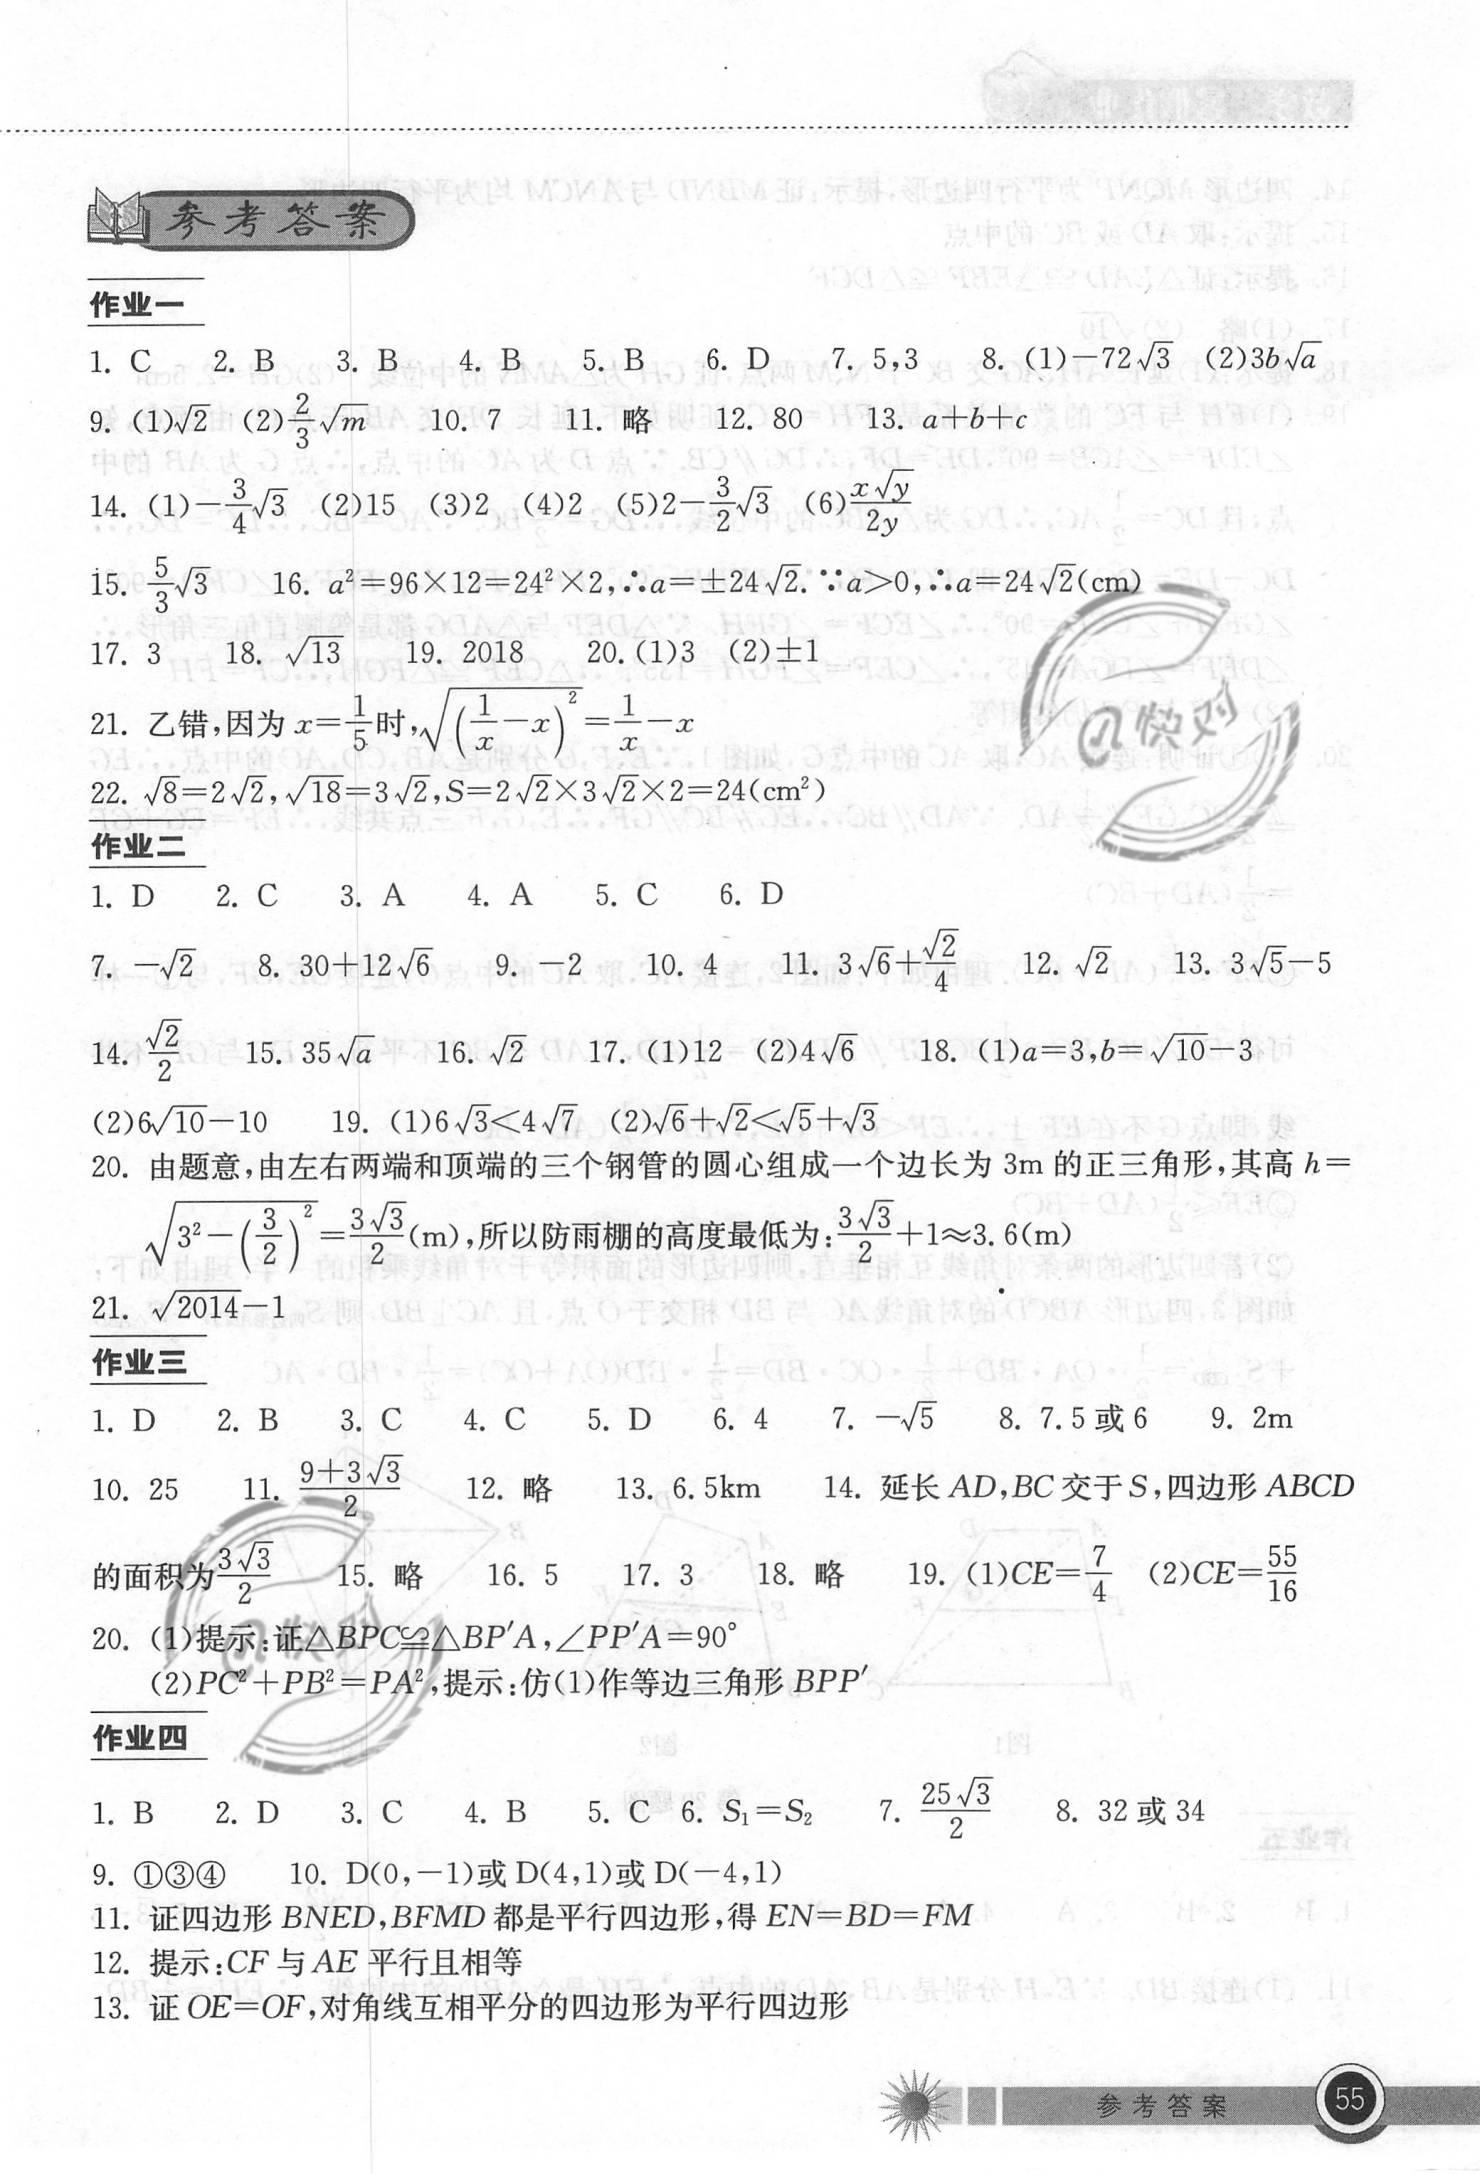 2020年长江作业本暑假作业八年级数学通用版湖北教育出版社